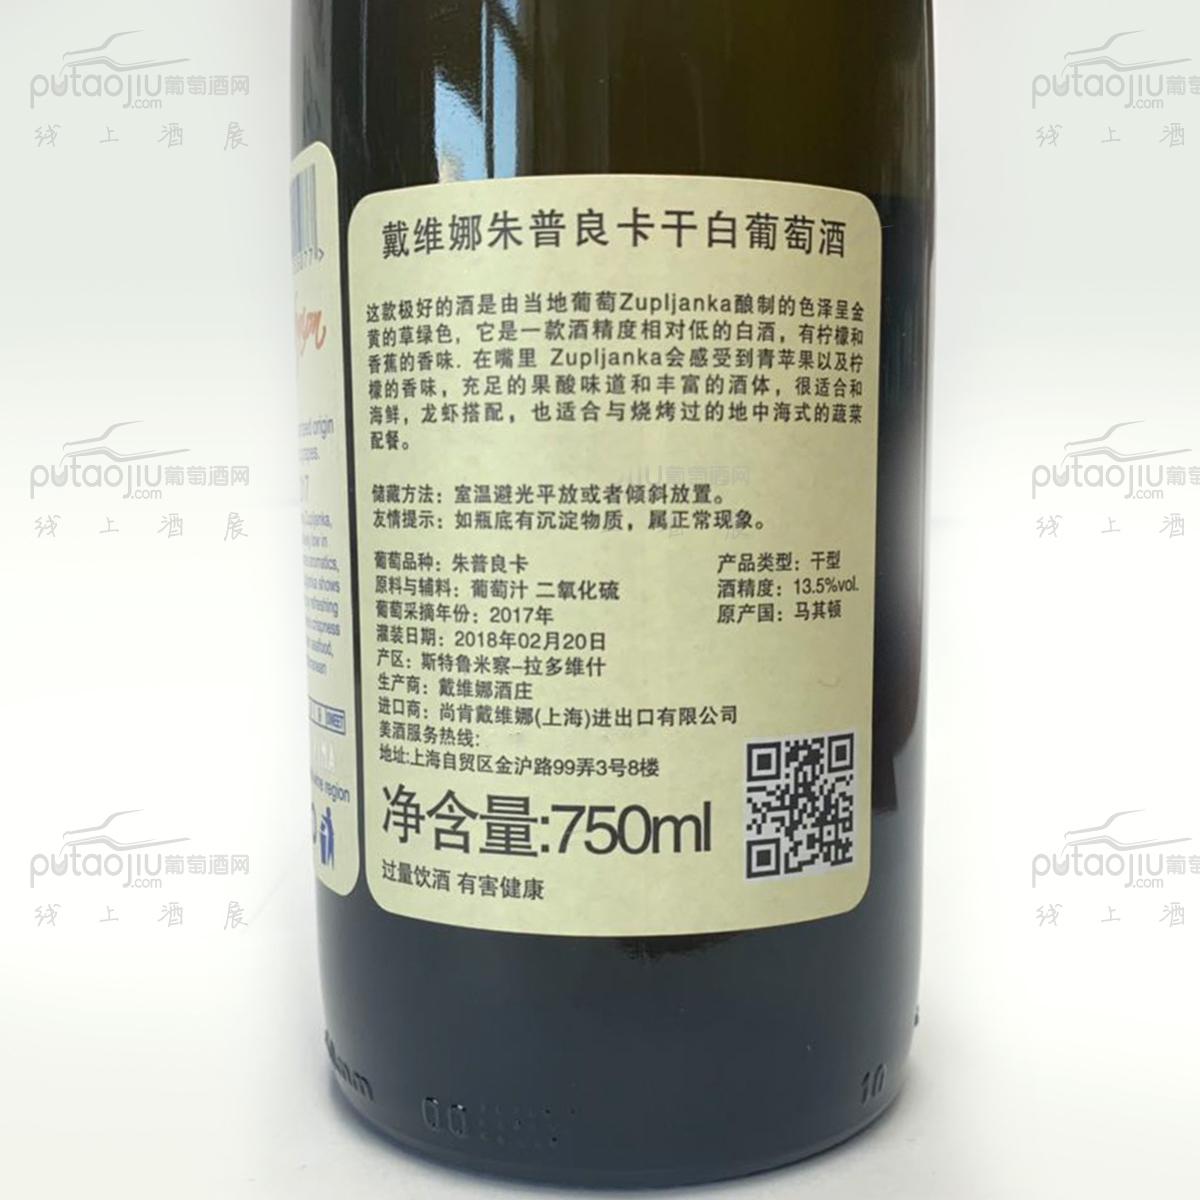 马其顿斯特鲁米察-拉多维什戴维娜酒庄朱普良卡VKP干白葡萄酒